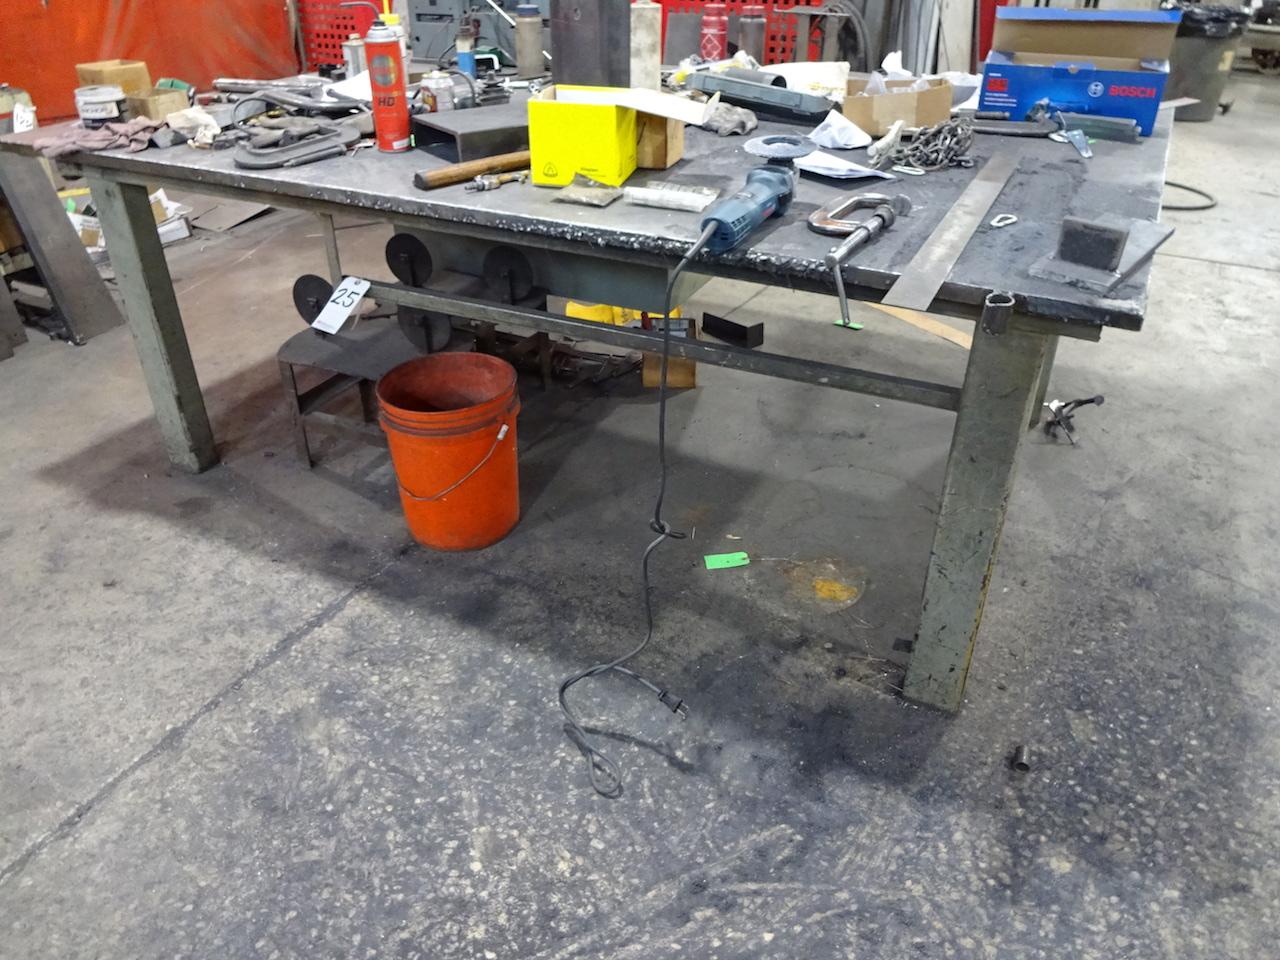 Lot 25 - 88 in. x 60 in. Heavy Duty Steel Welding Table